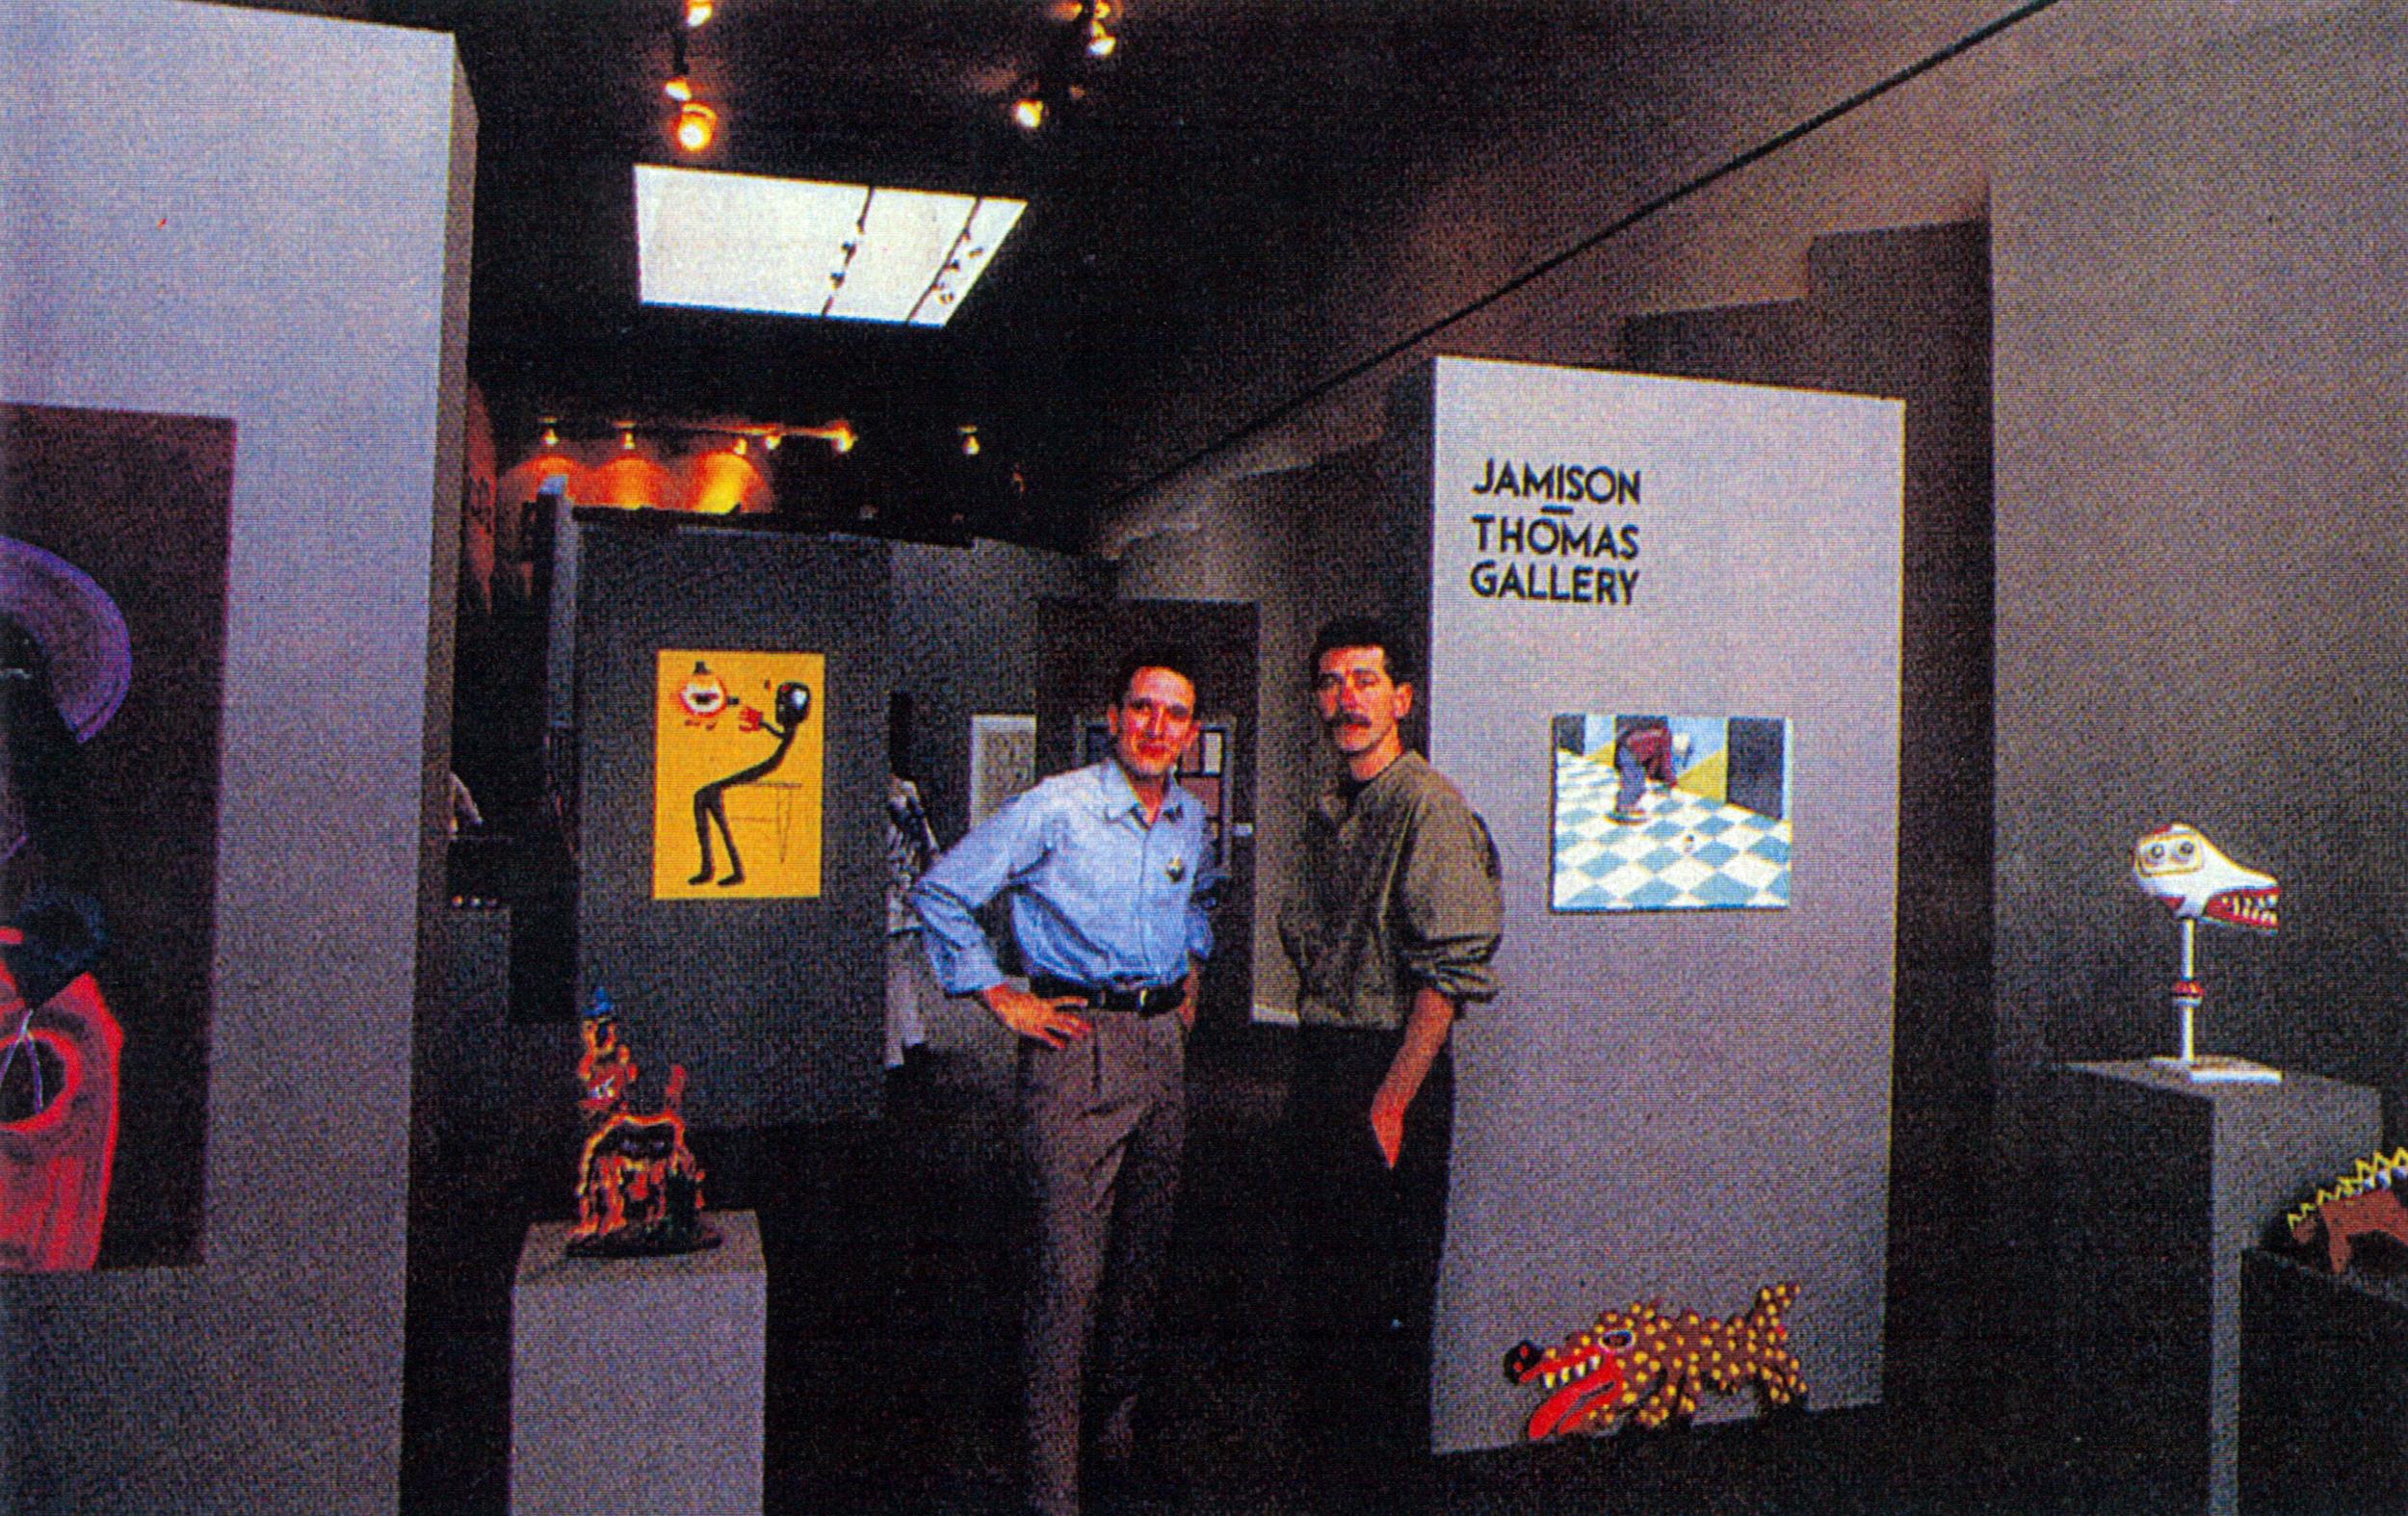 William Jamison & JeffreyThomas / NYC / 1985